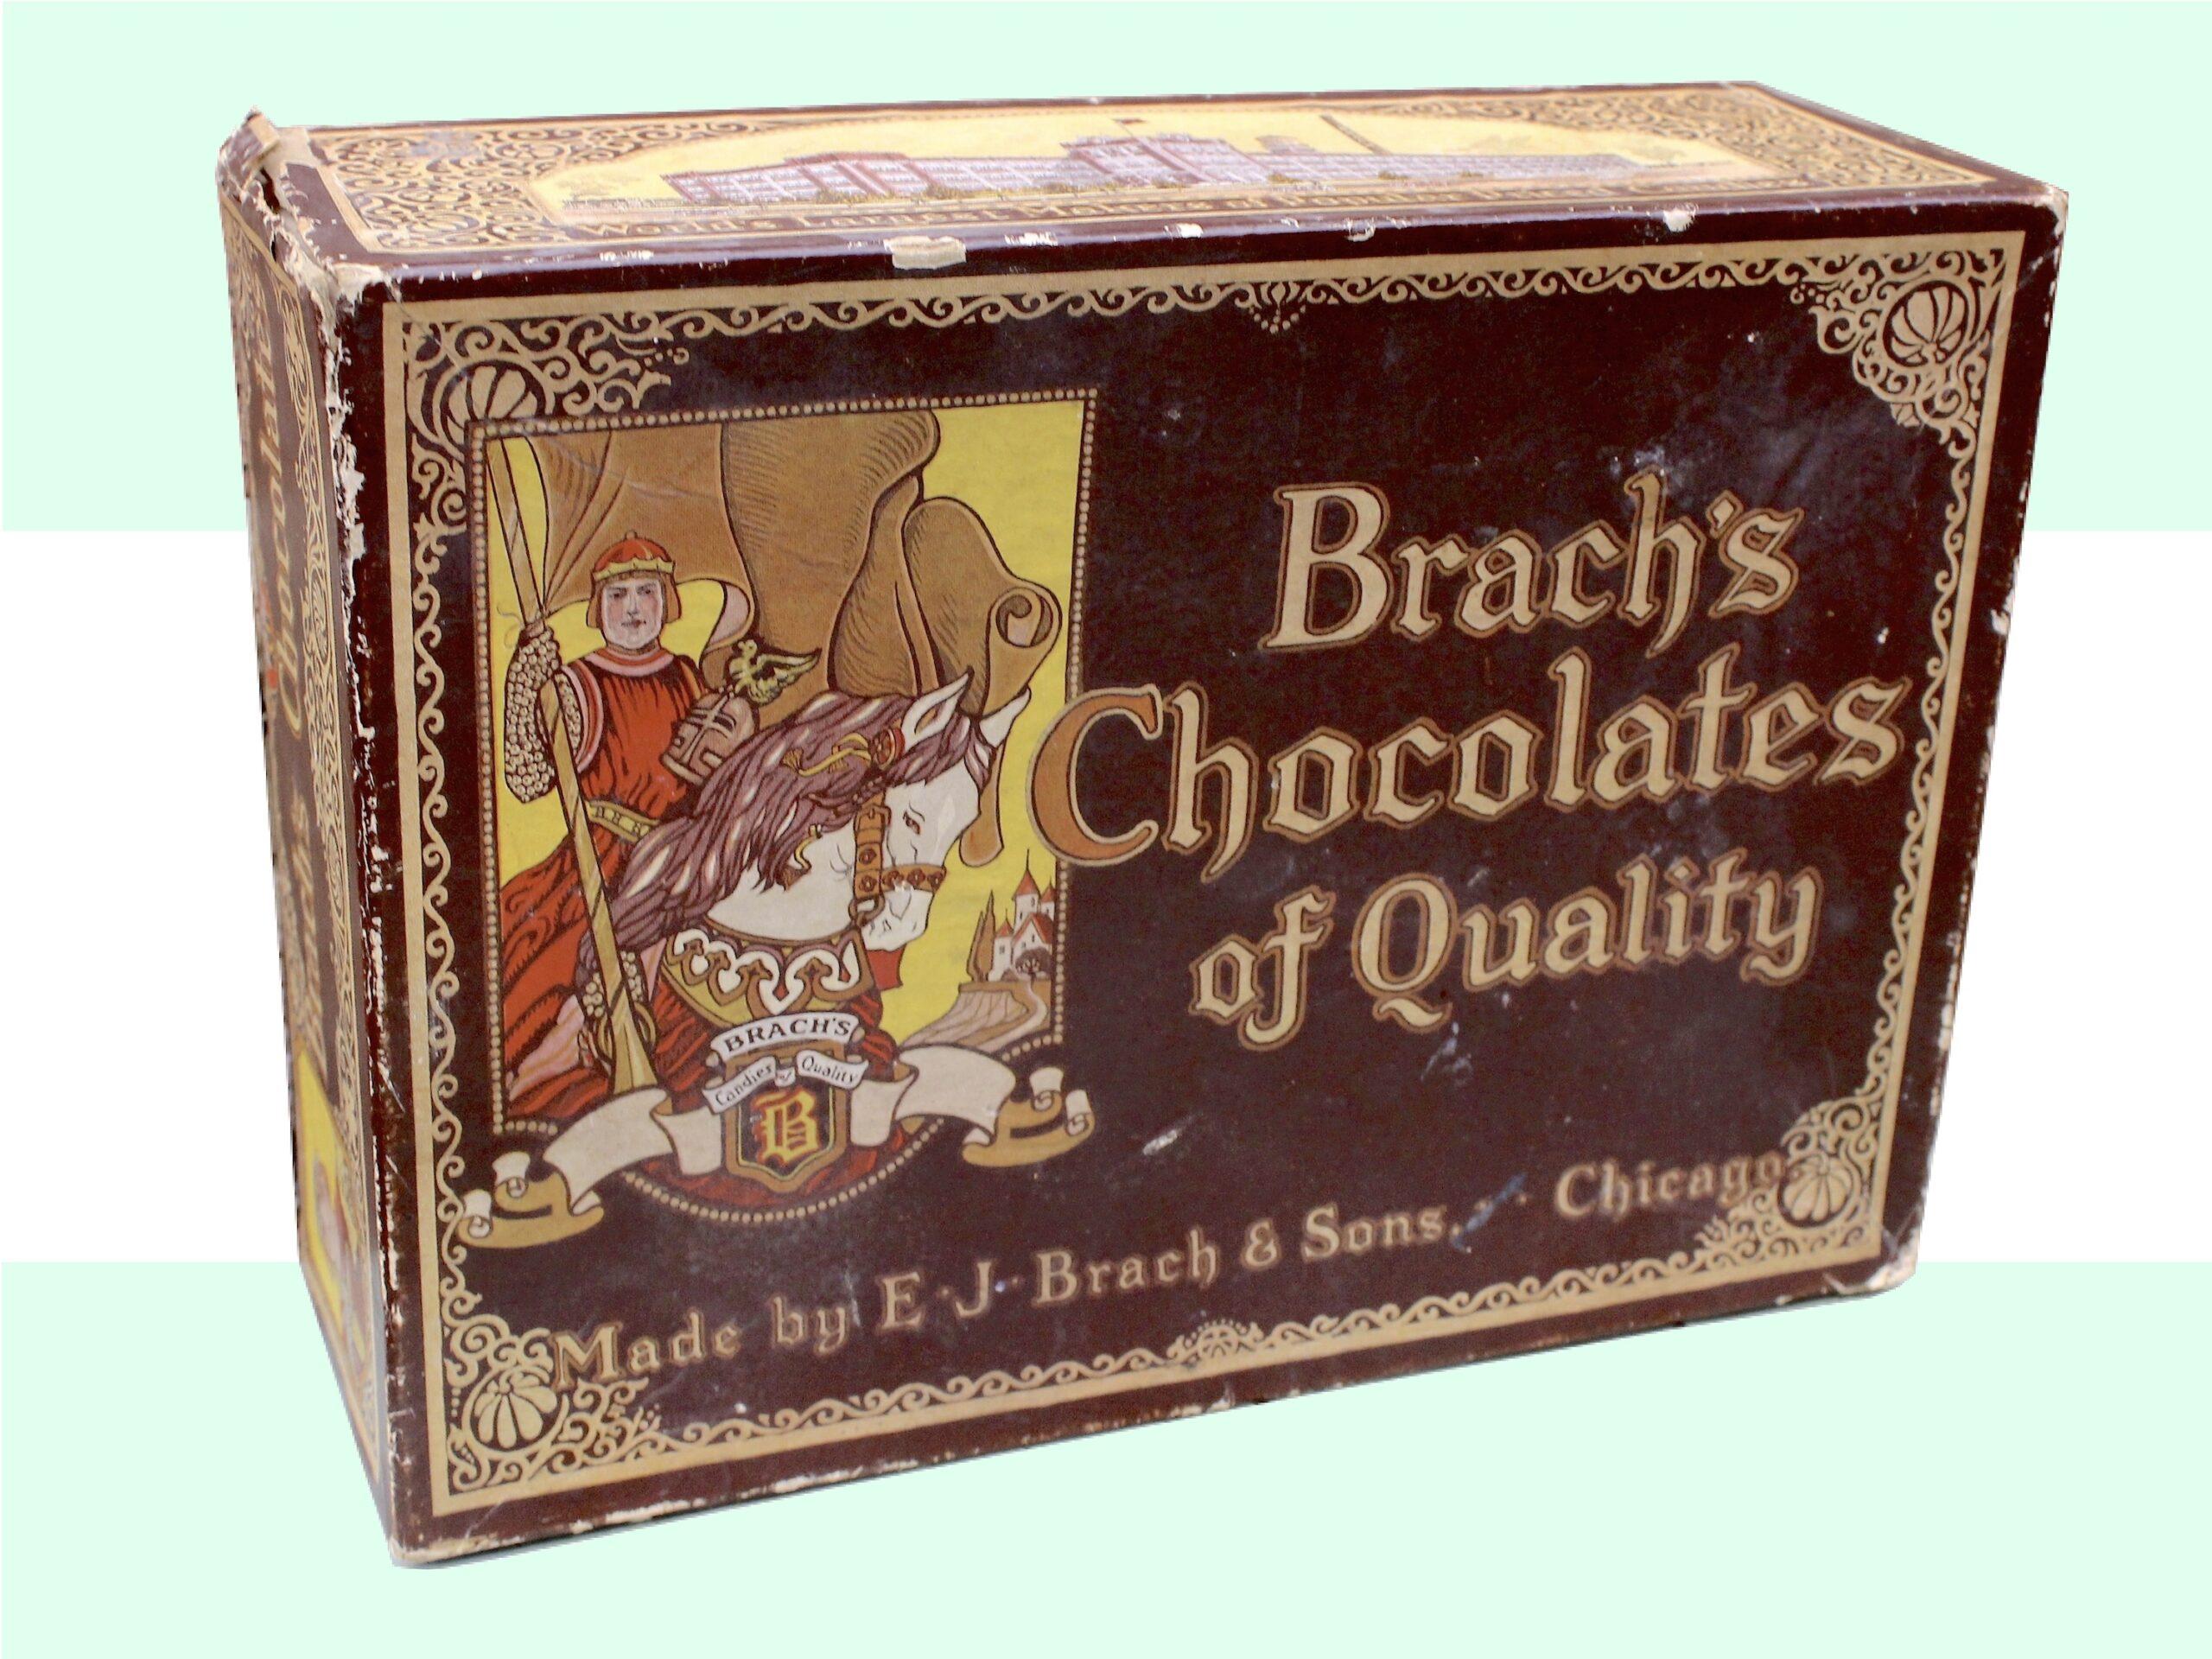 E. J. Brach & Sons, est. 1904